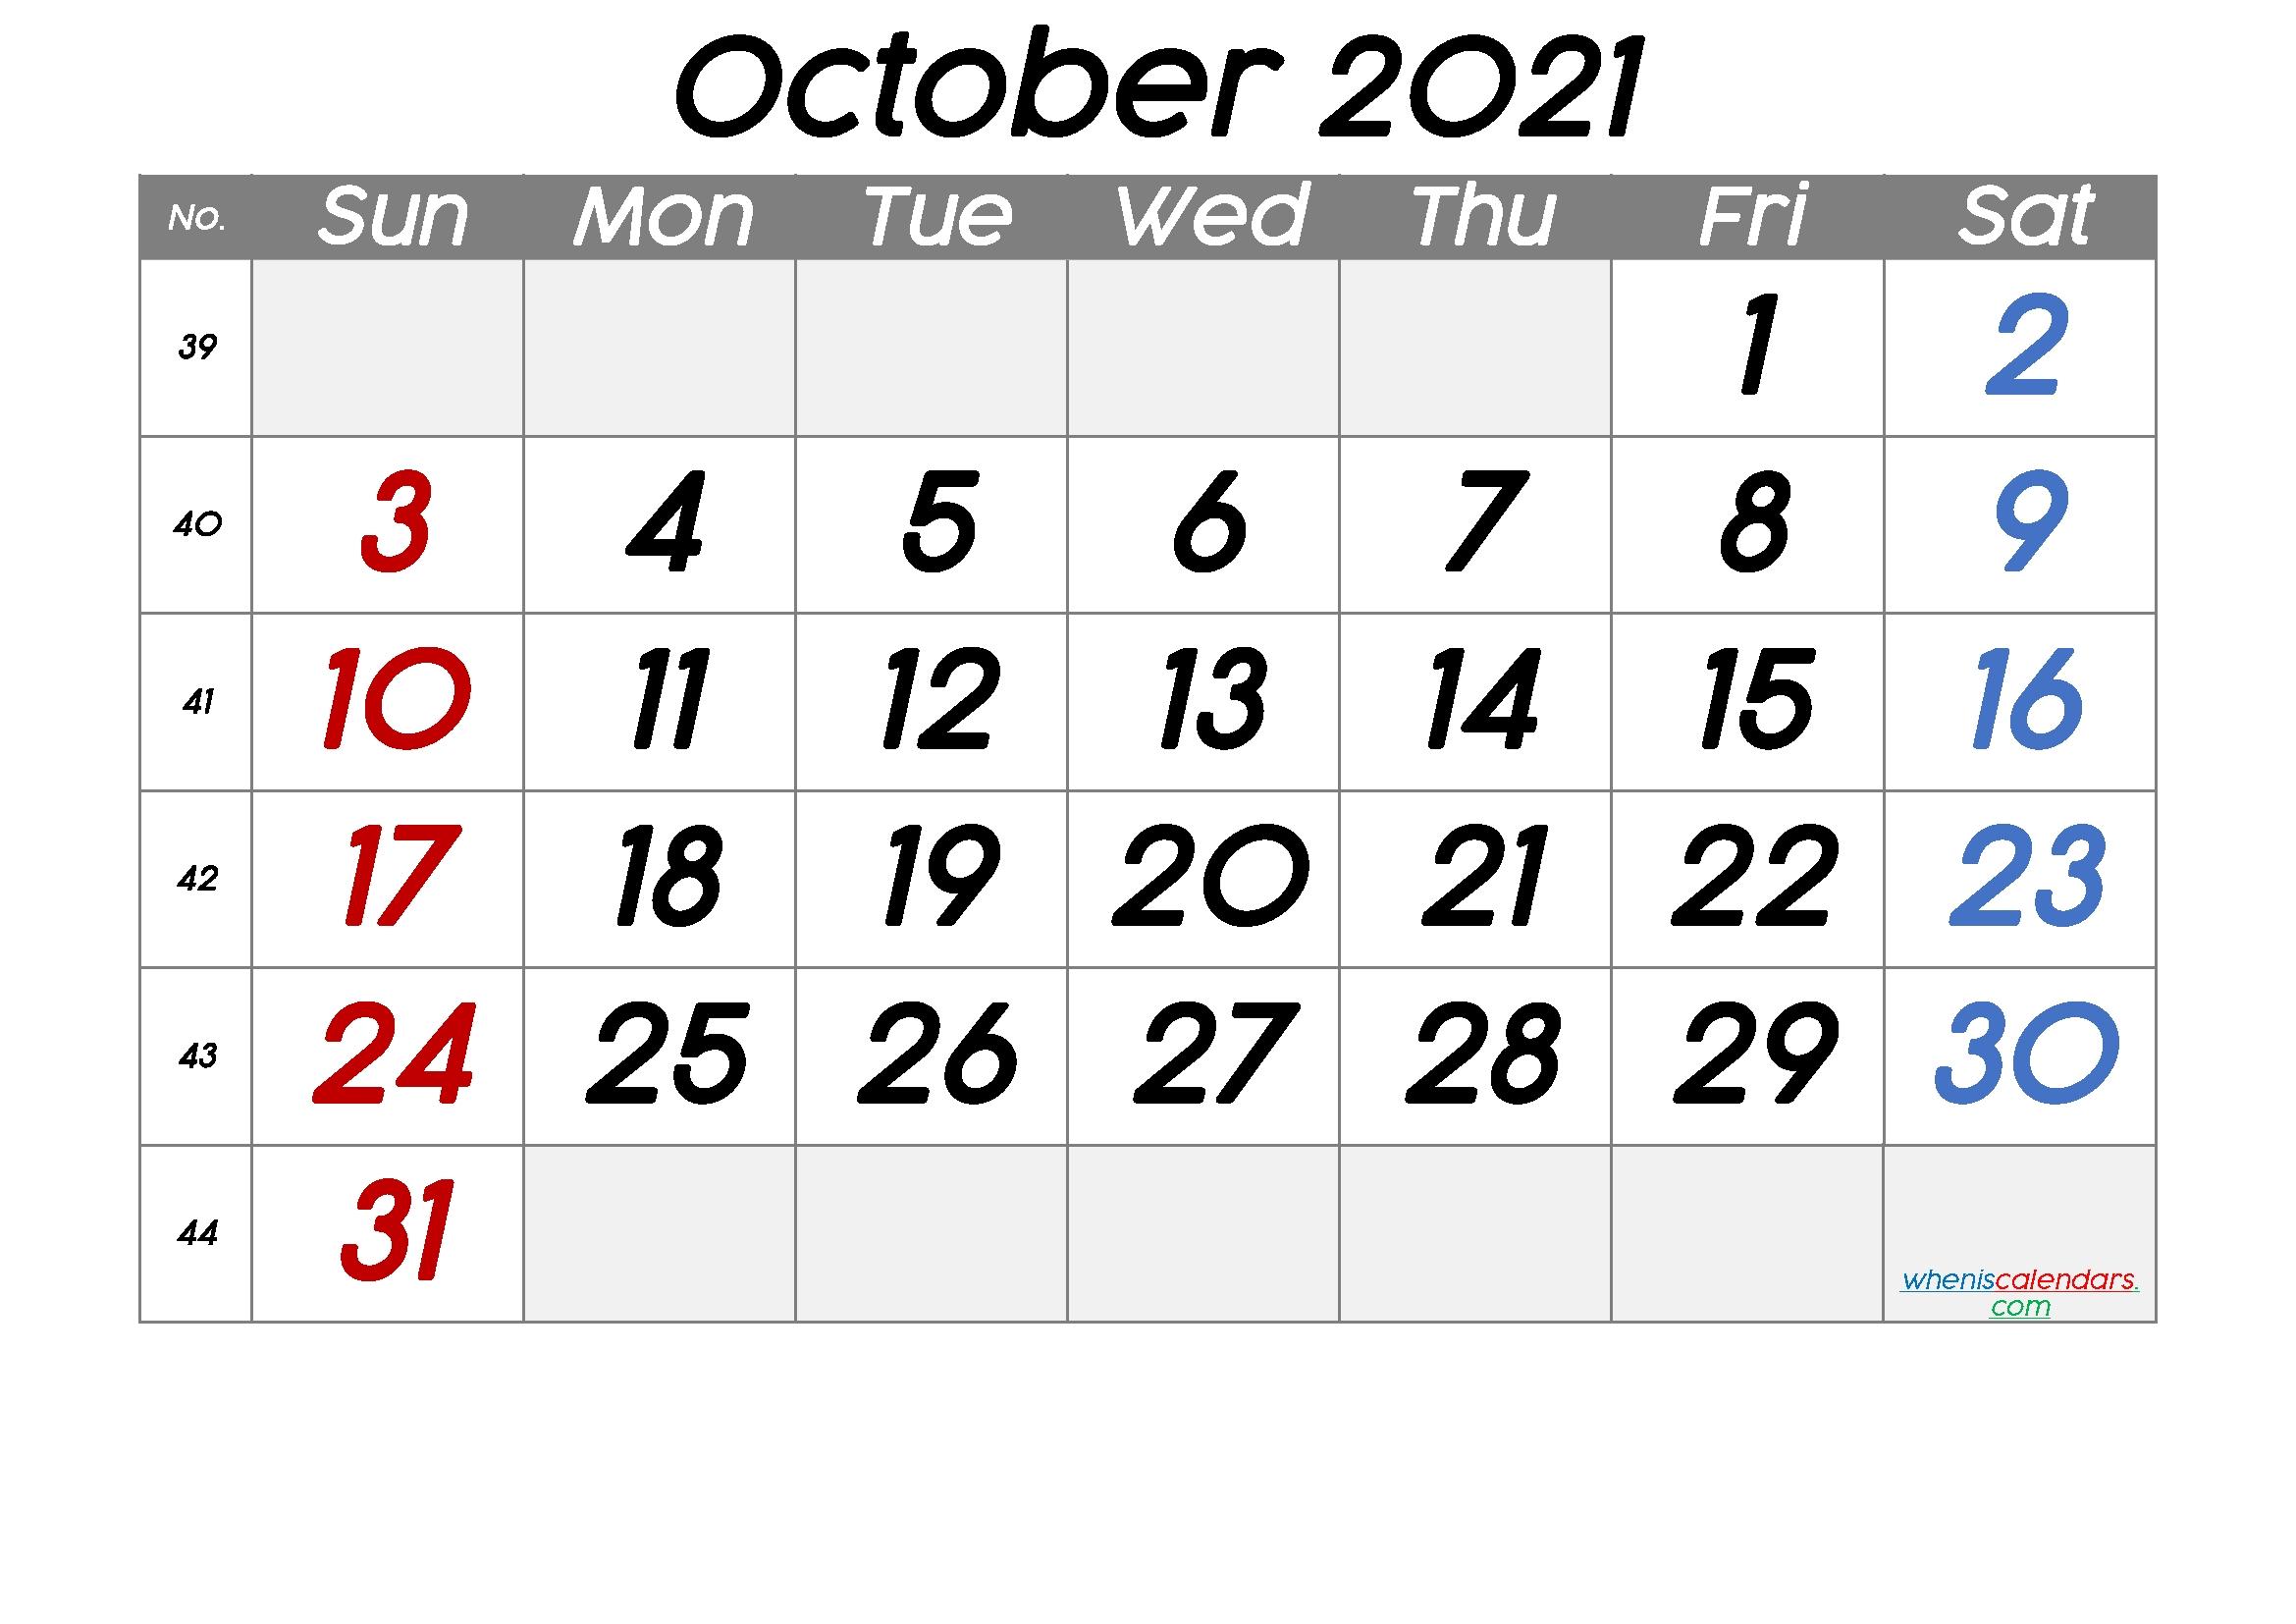 October 2021 Printable Calendar With Week Numbers [Free